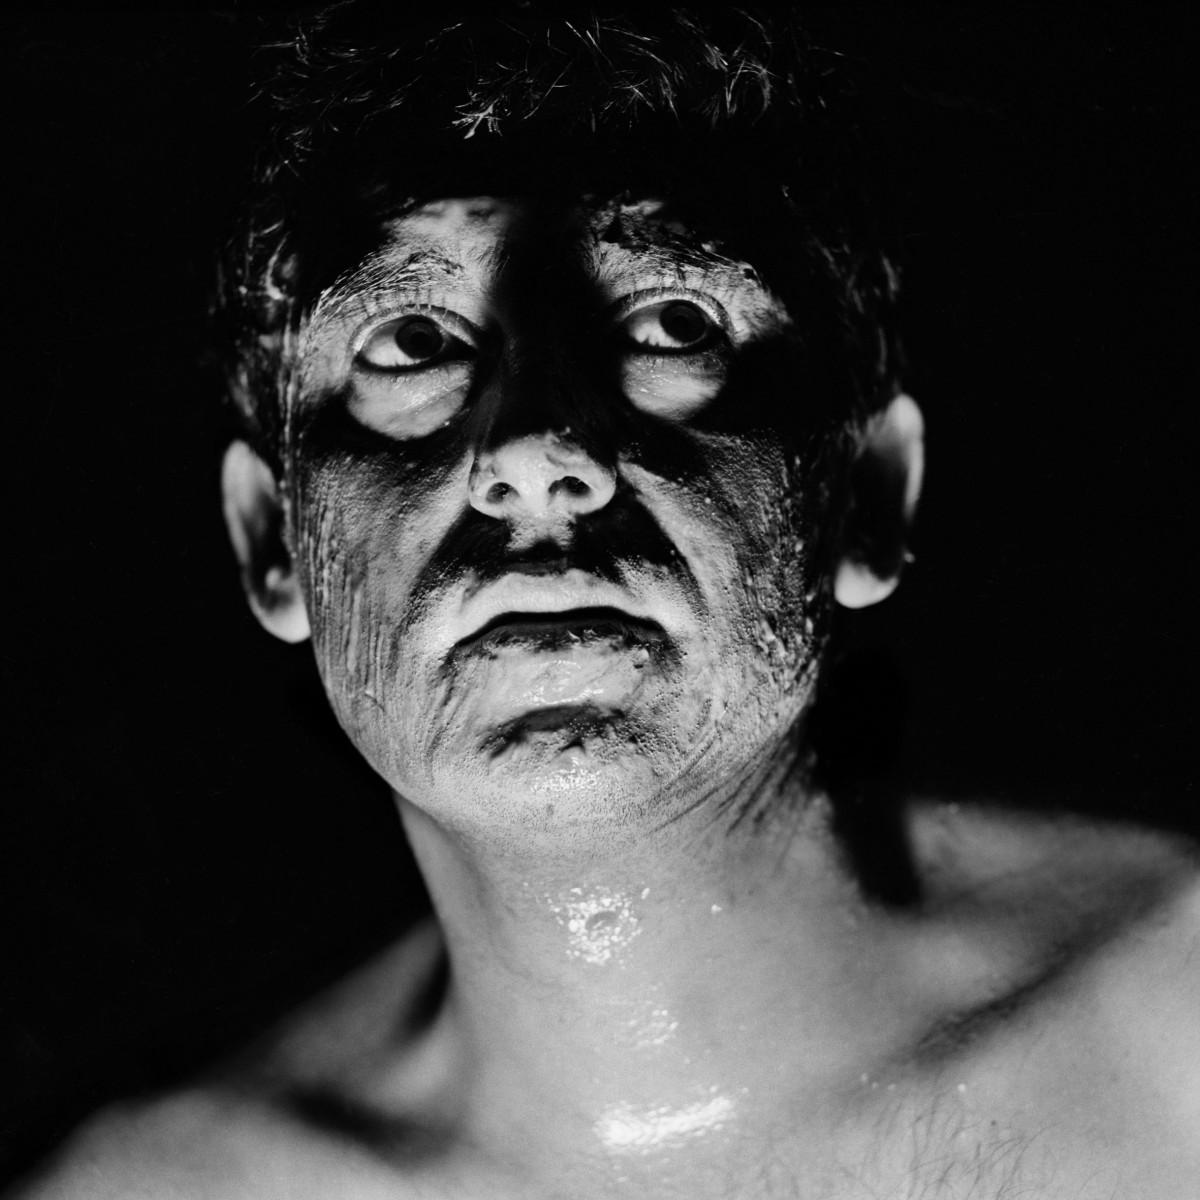 Claudio Abate, Carmelo Bene, Il Rosa e il Nero, 1966